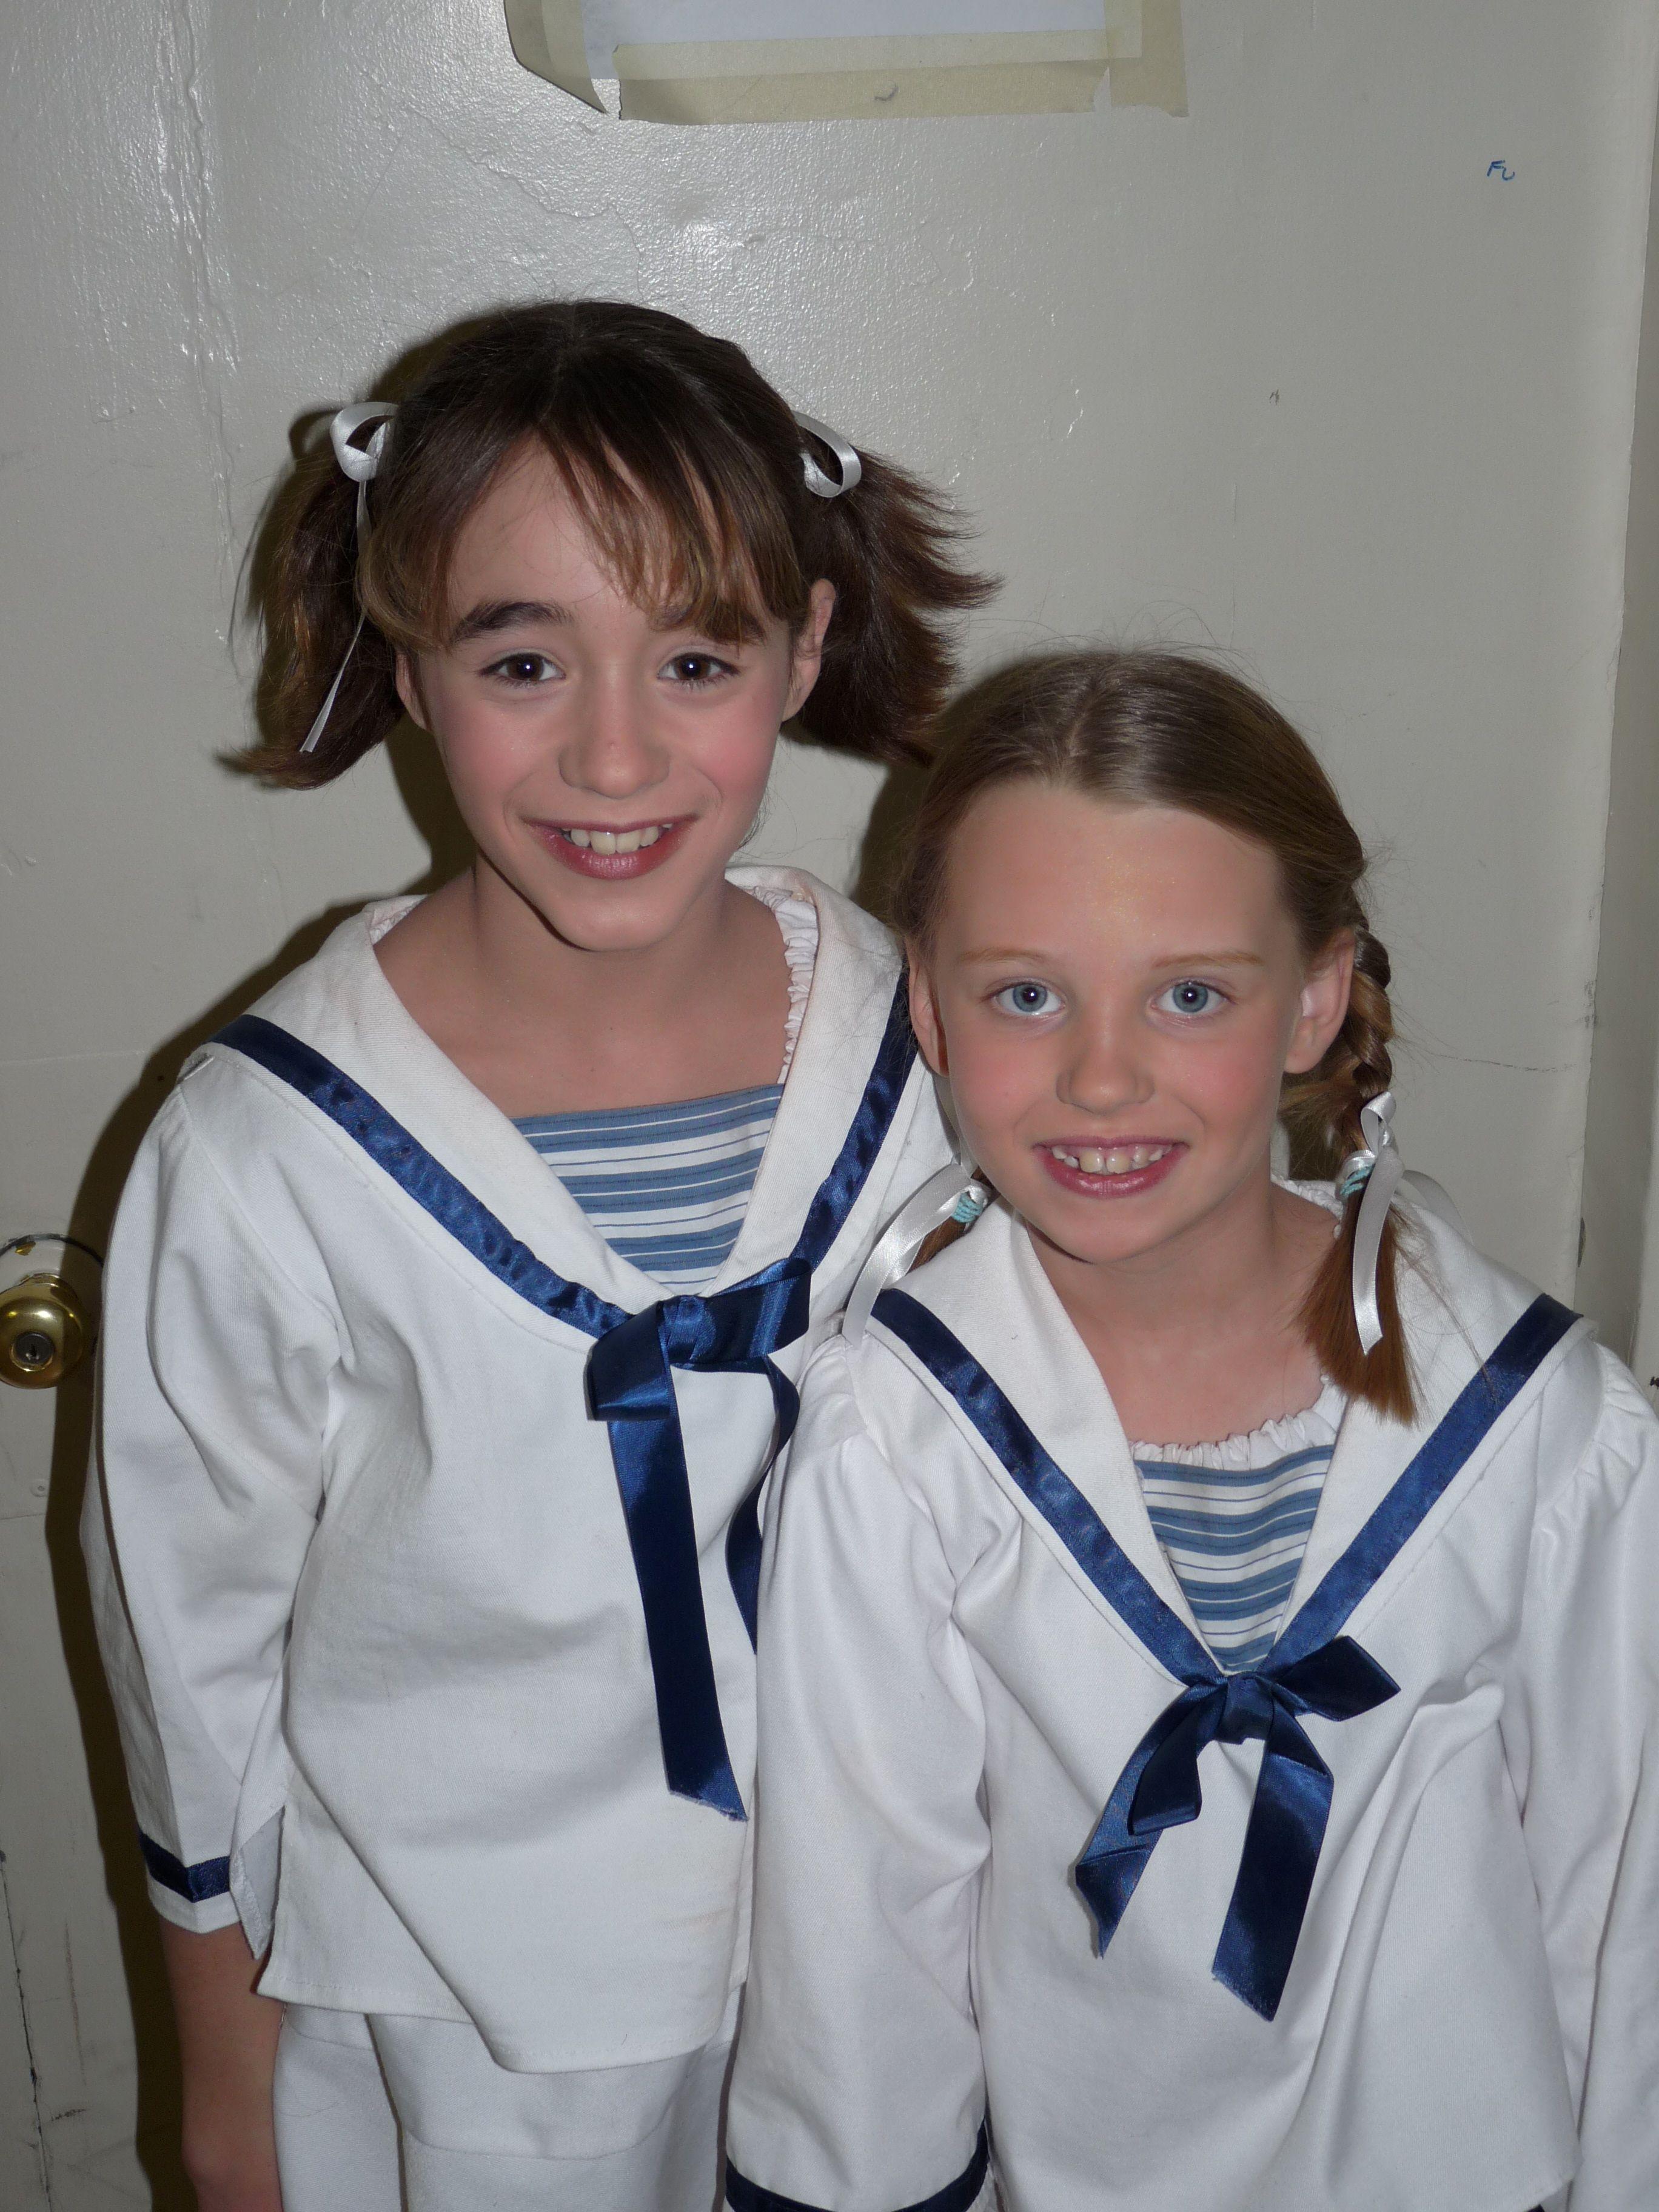 Brigitta and Gretl von Trapp in their sailor suits.